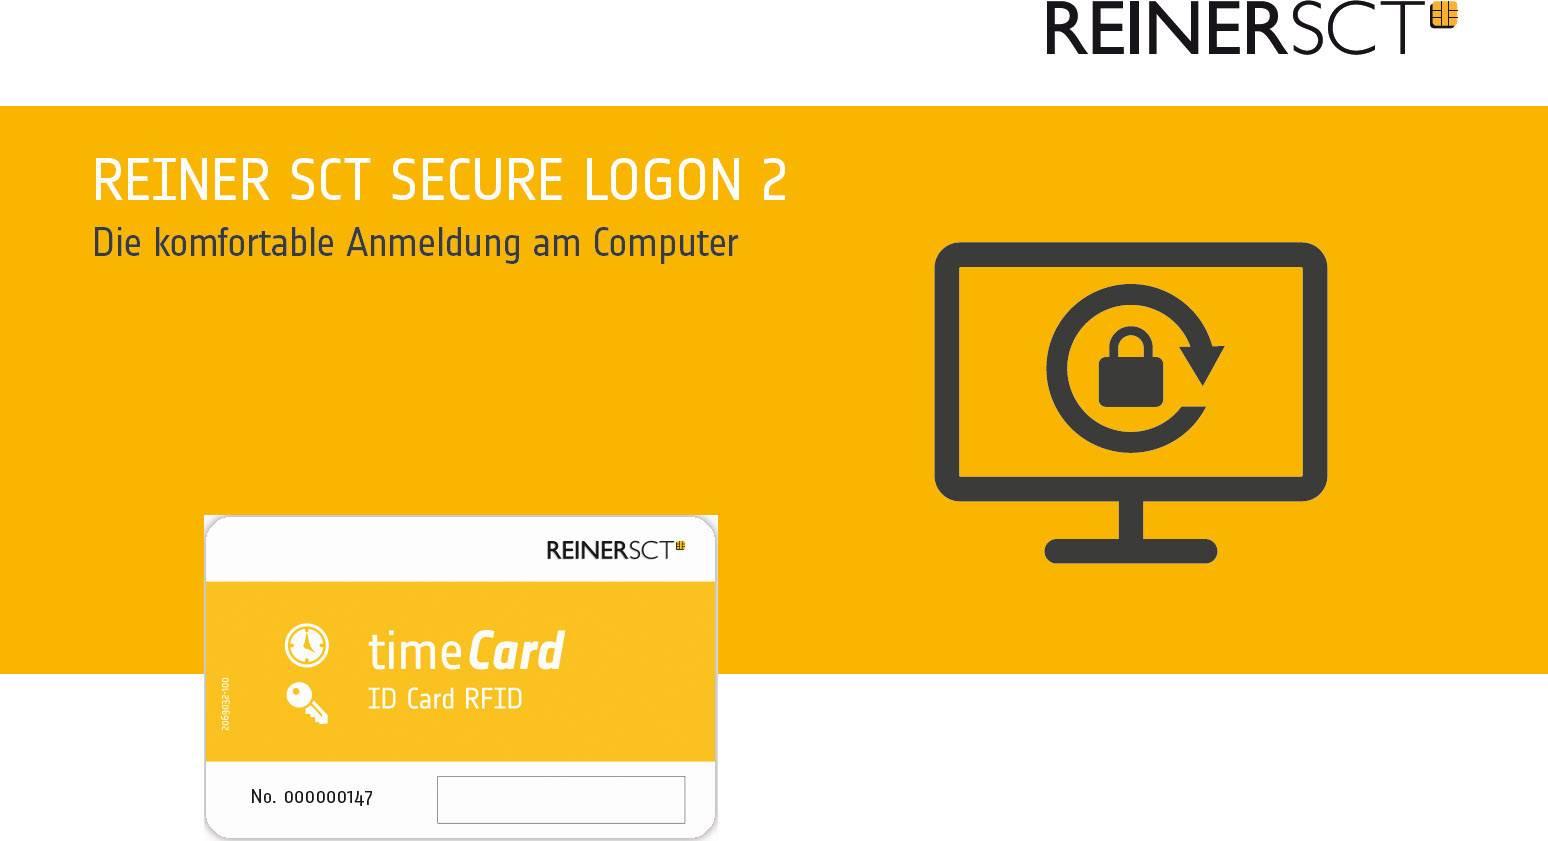 Přístupový systém do PC REINER SCT Secure Logon 2